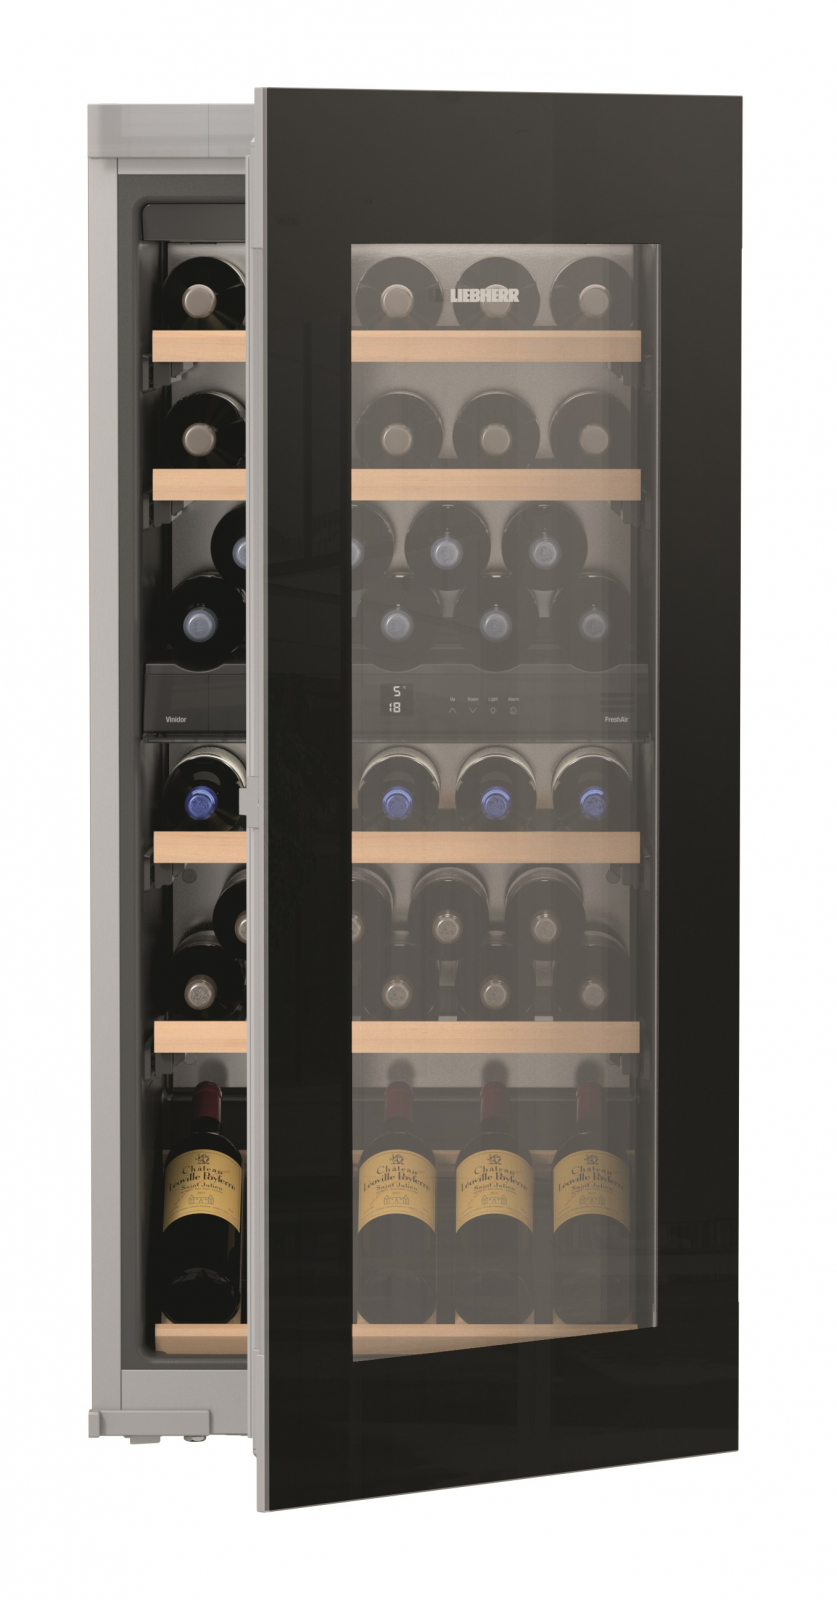 купить Встраиваемый винный шкаф Liebherr EWTgb 2383 Украина фото 0